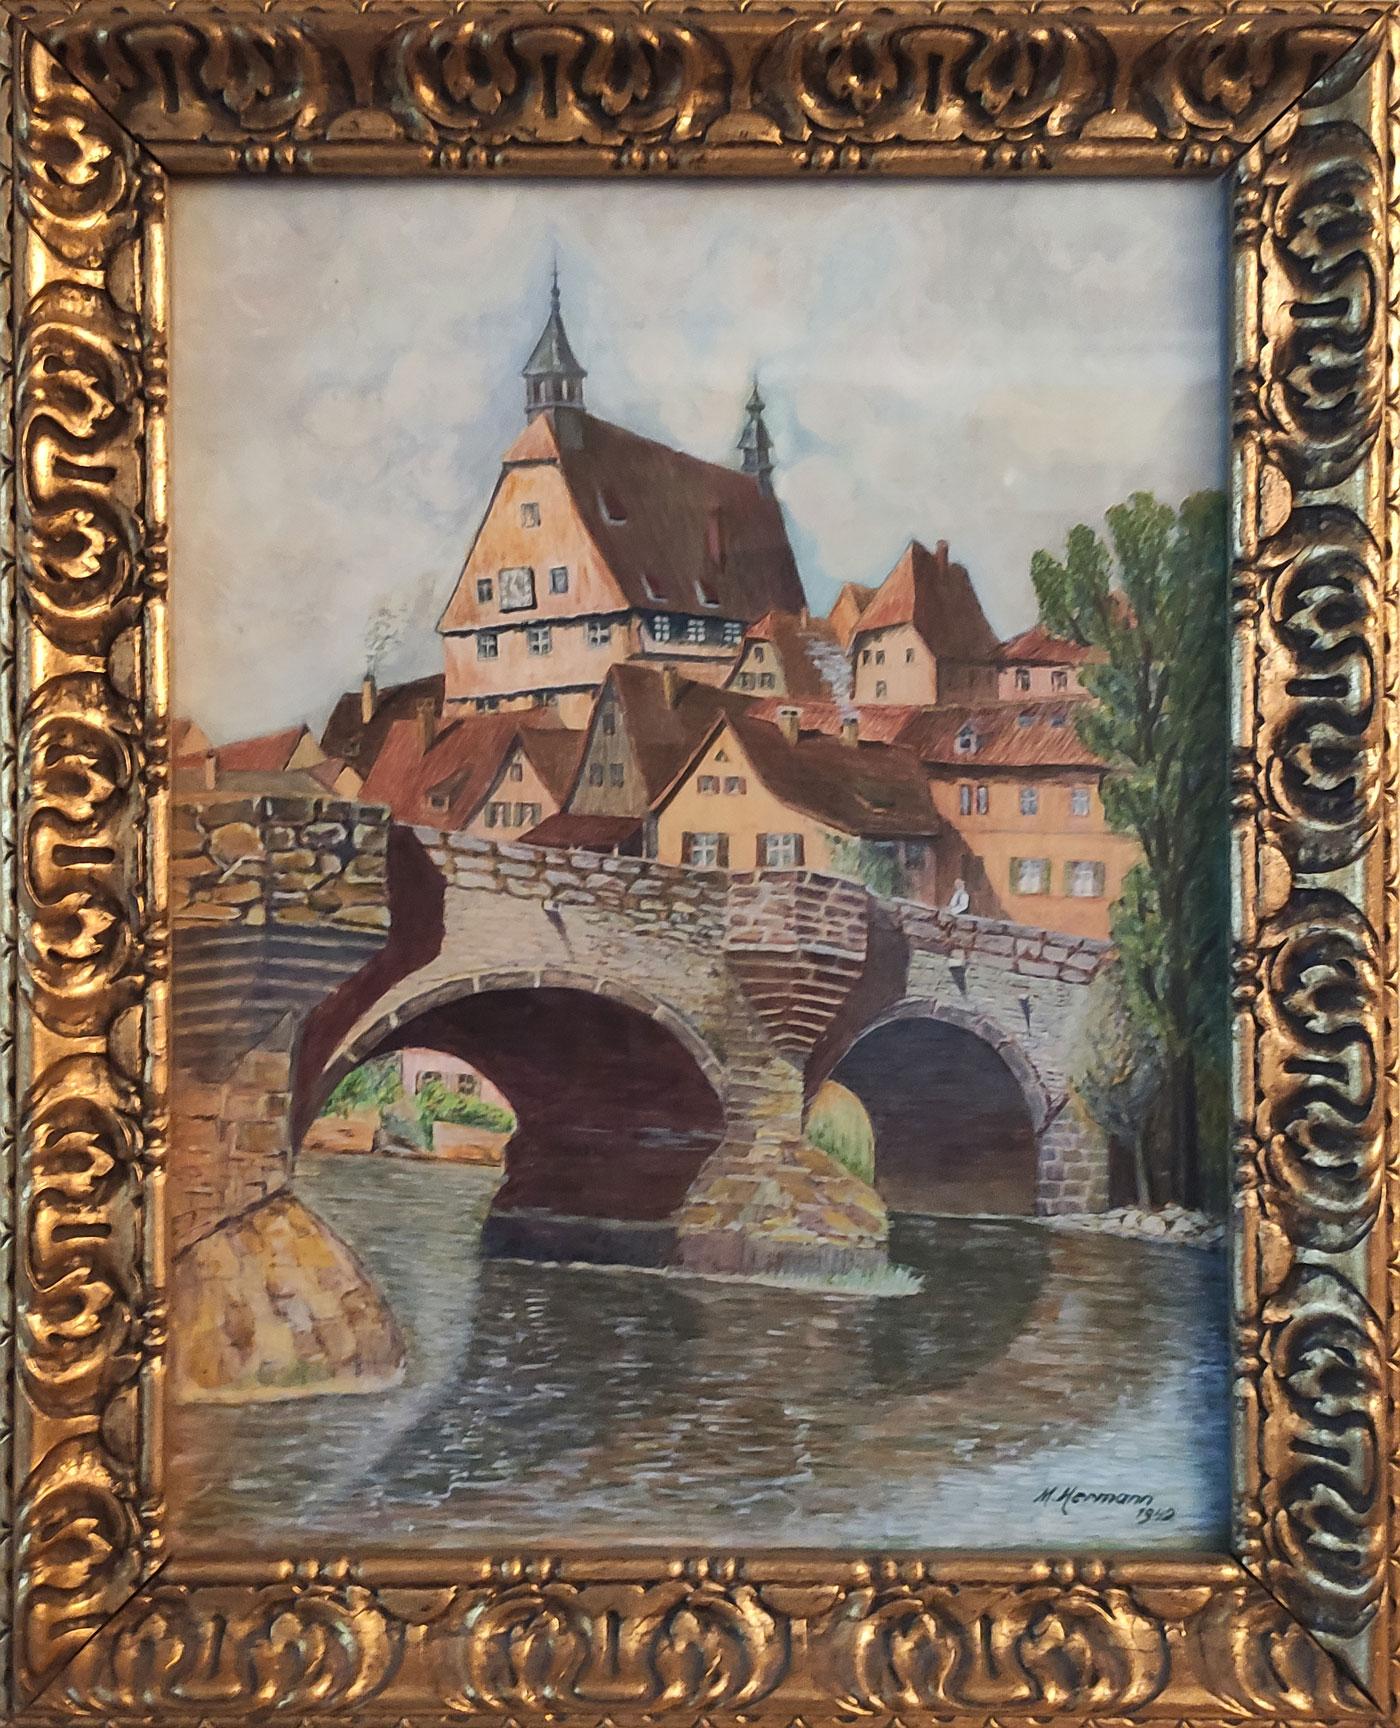 Ein Gemälde von der Stadt Besigheim